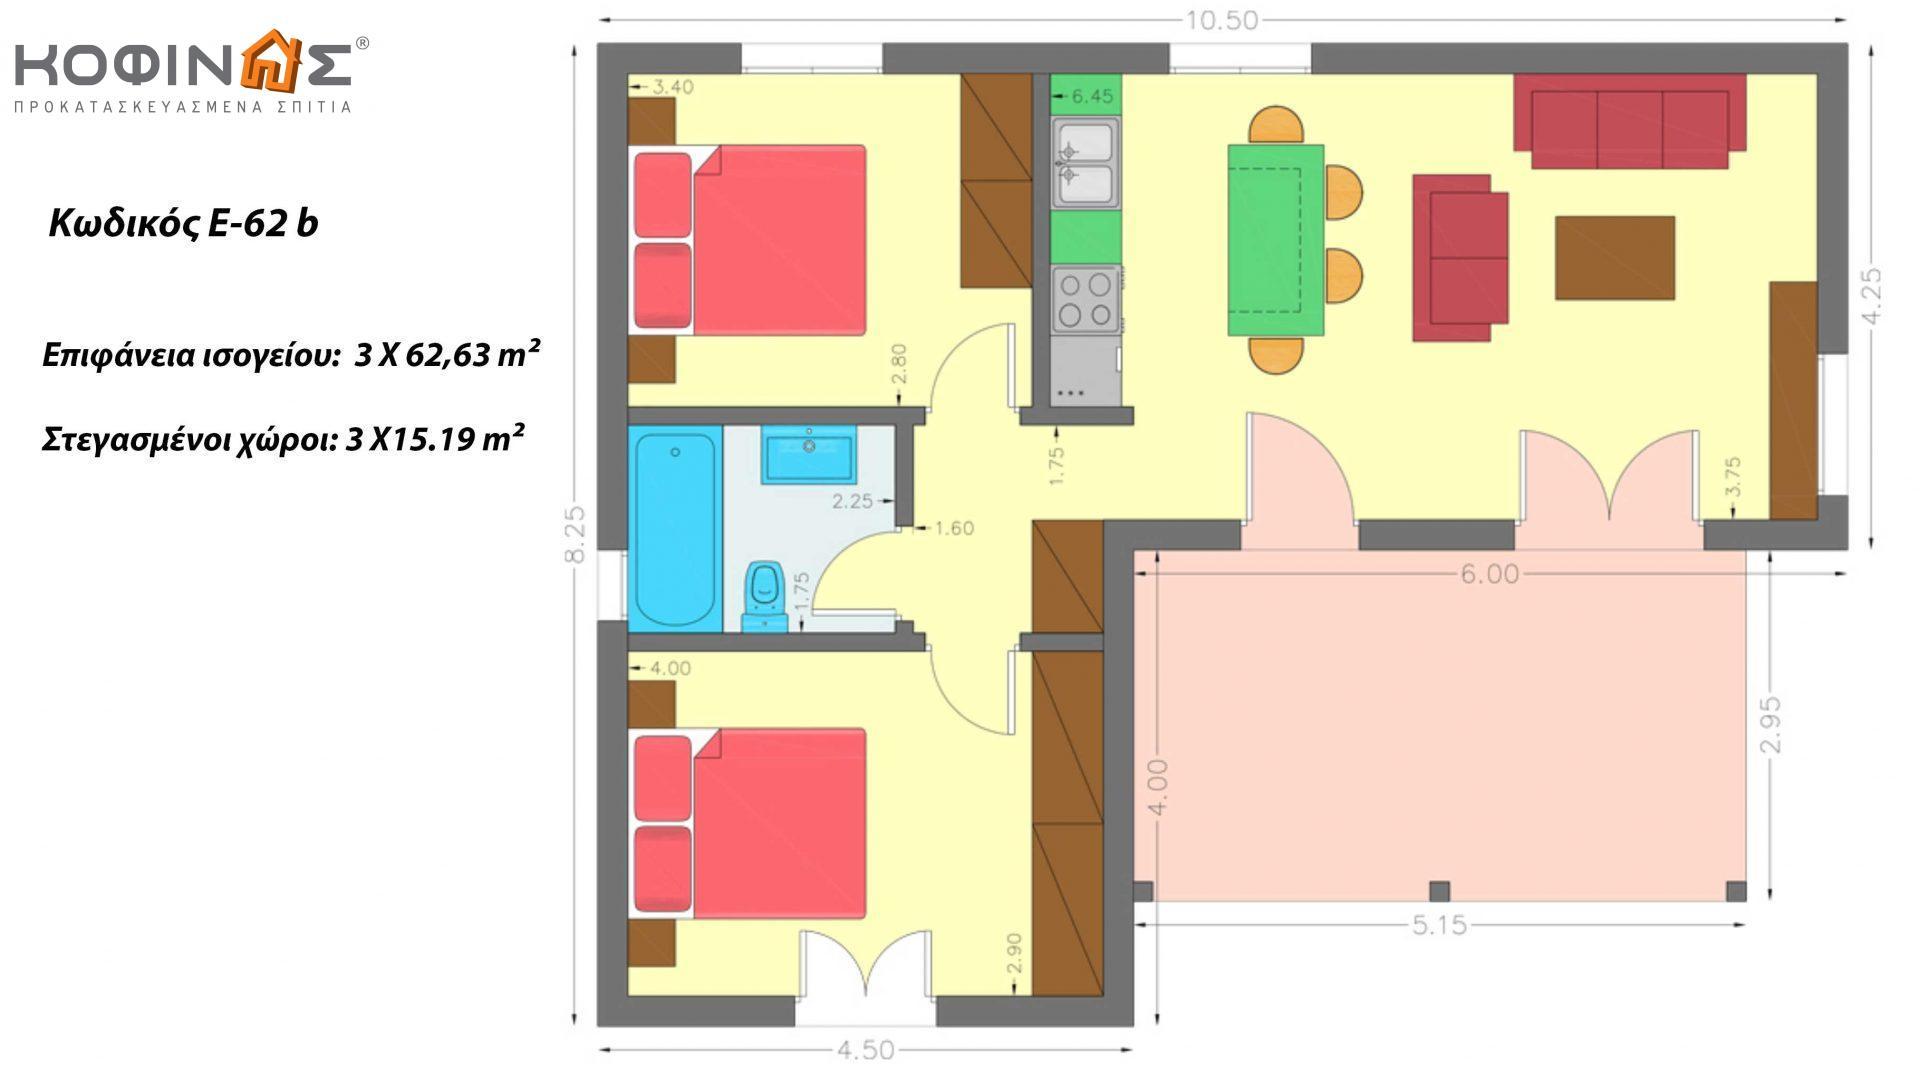 Συγκρότημα Κατοικιών E-62b, συνολικής επιφάνειας 3 x 62,63 = 187,89 τ.μ., συνολική επιφάνεια στεγασμένων χώρων 45.57 τ.μ.